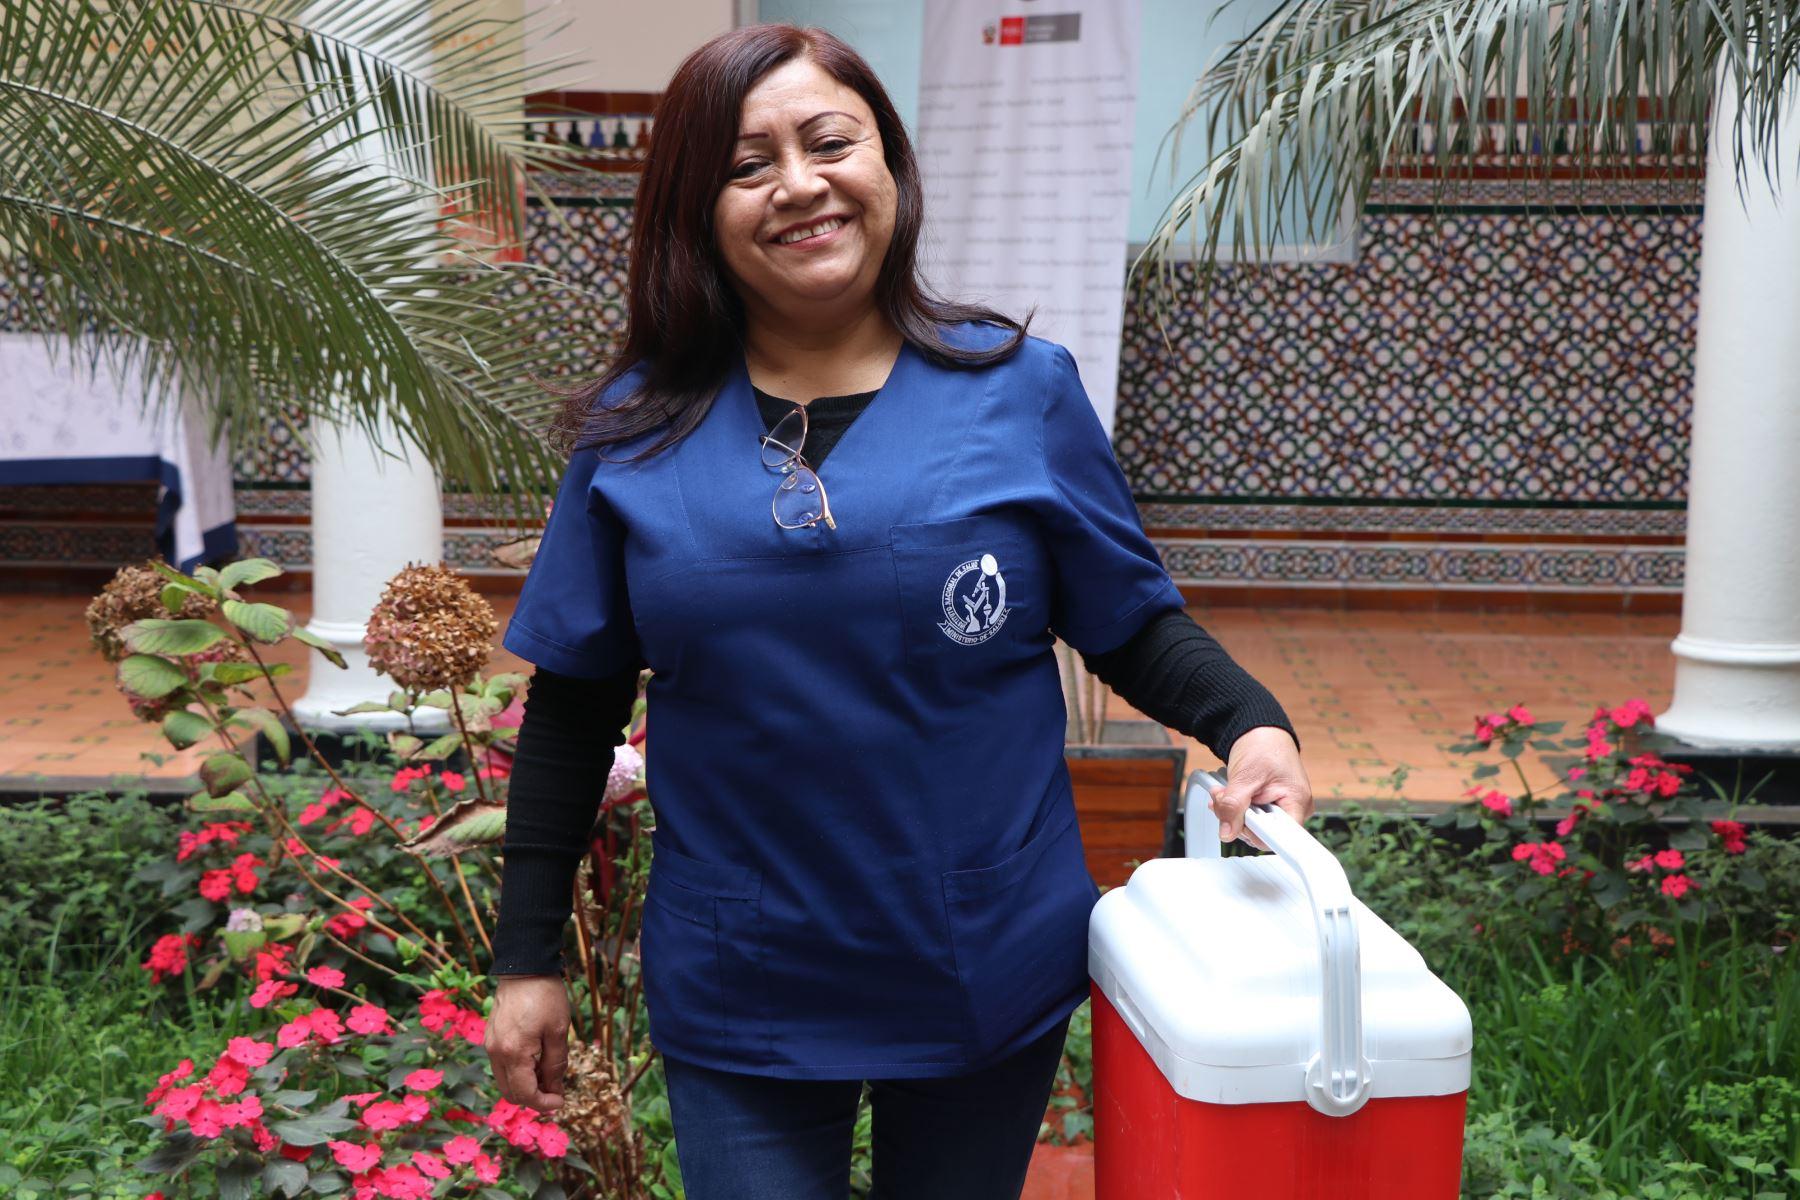 Isabel Fernández Silva, técnica de laboratorio del Instituto Nacional de Salud (INS), ha tomado más de 1,000 pruebas de hisopado nasofaríngeo para descartar la presencia del covid-19.Foto: ANDINA/INS